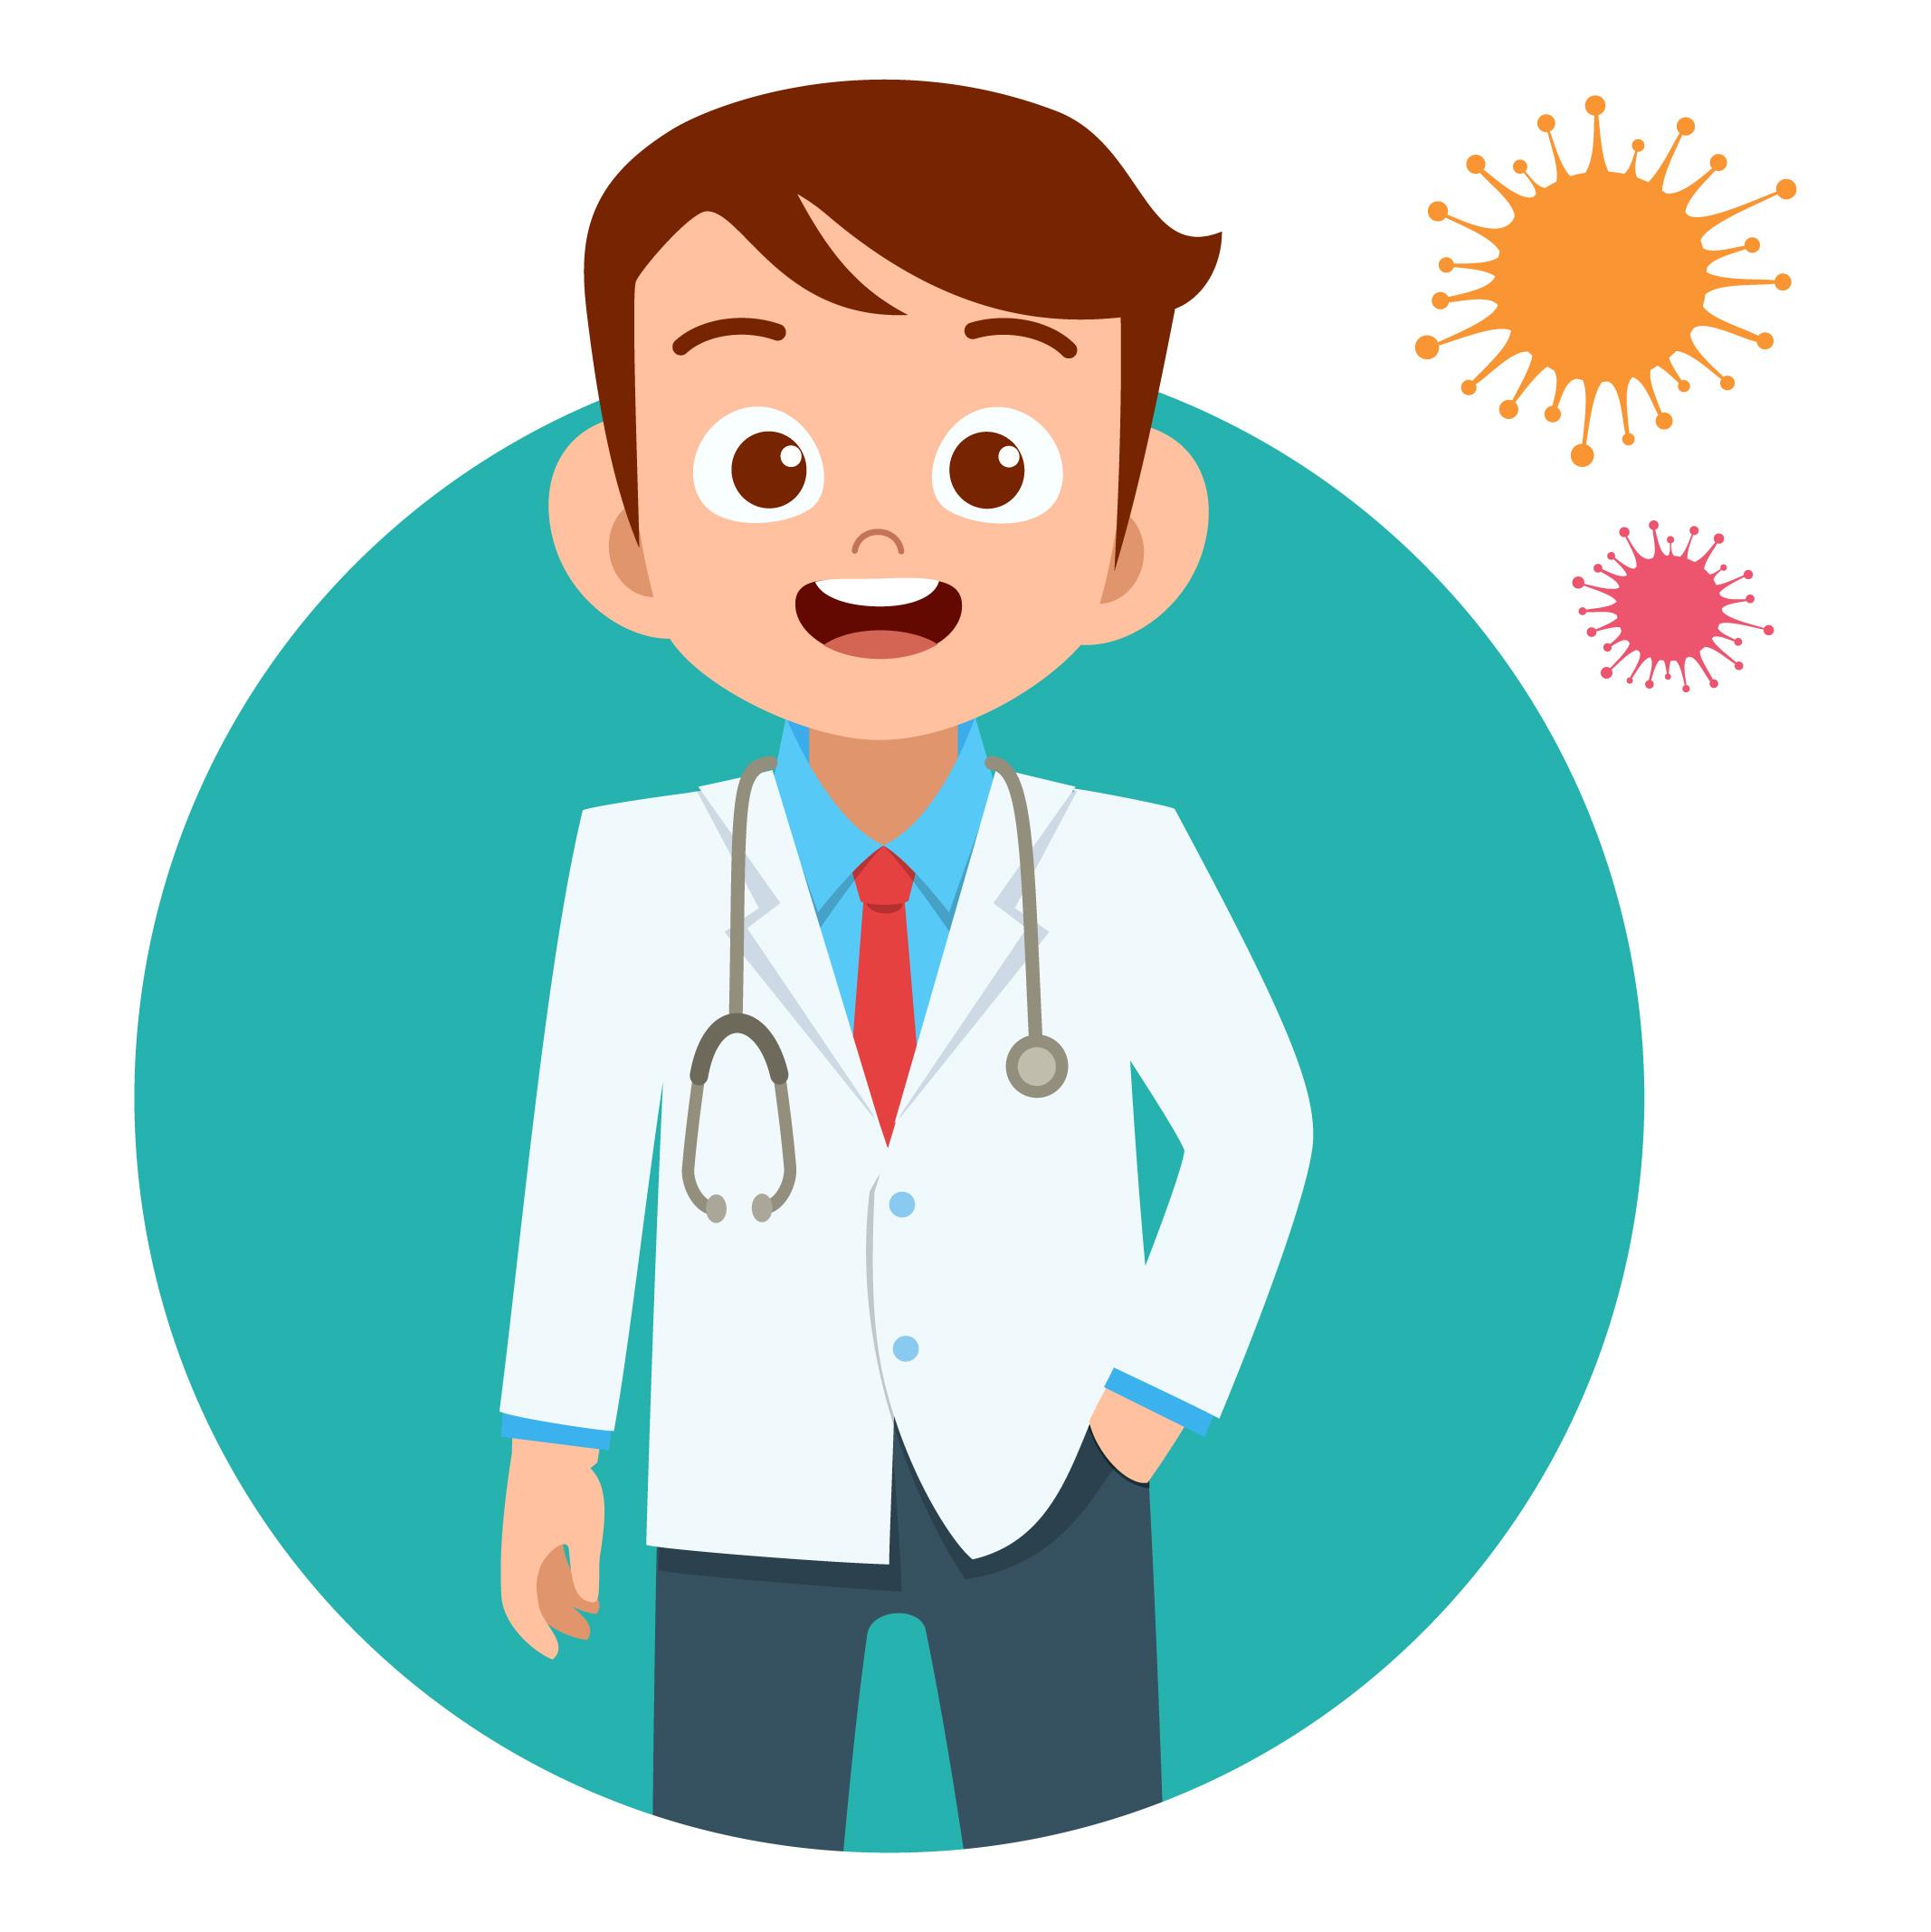 Prescrizione del dottore